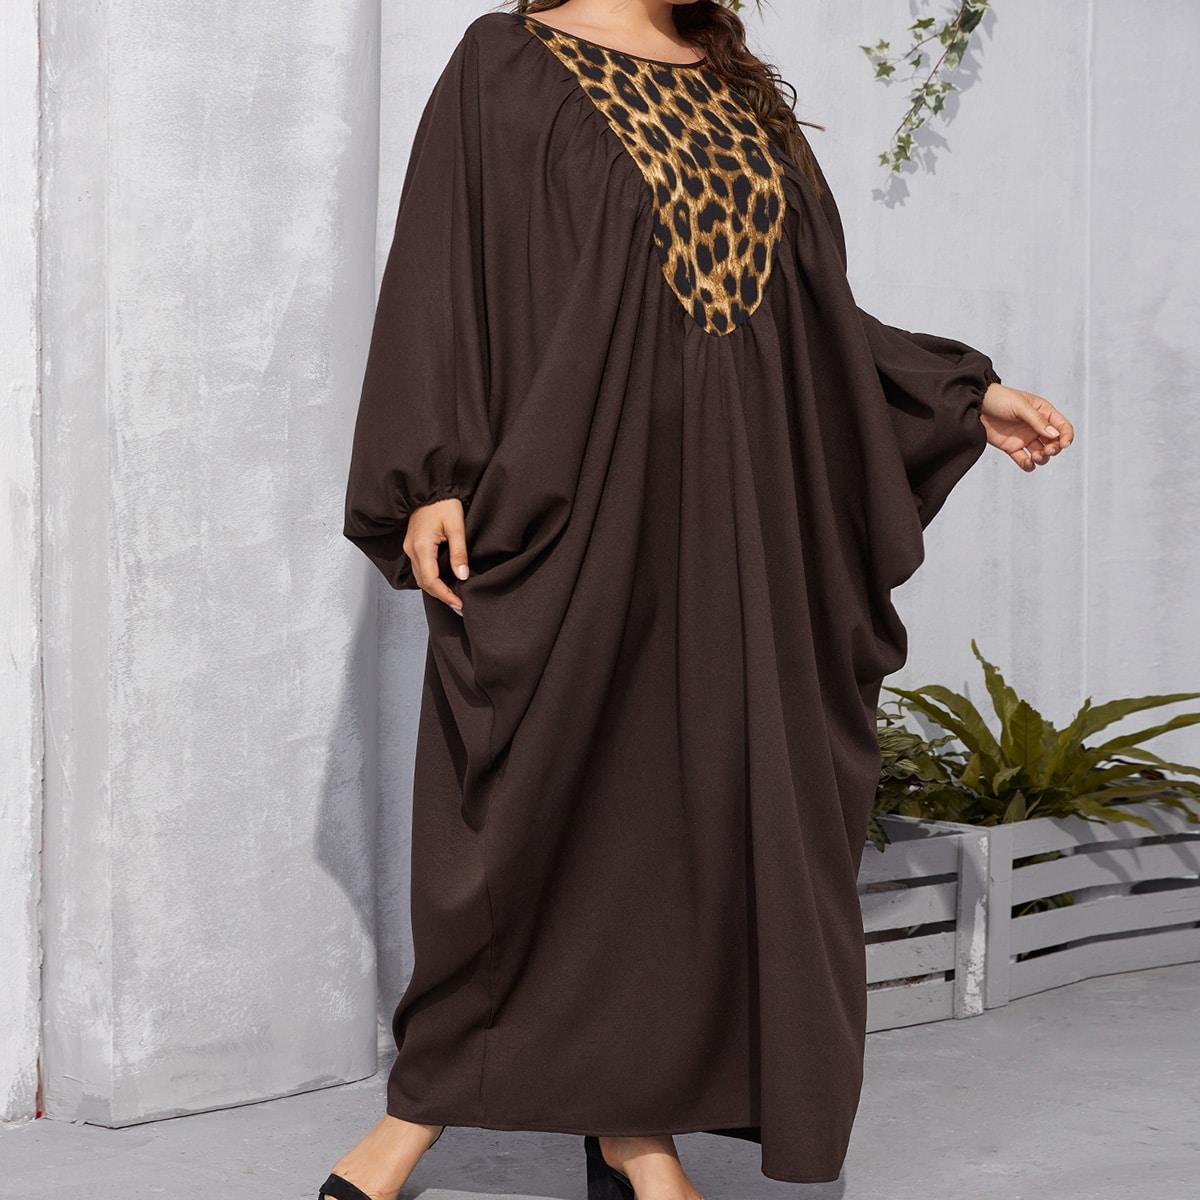 Кафтан размера плюс с леопардовым принтом